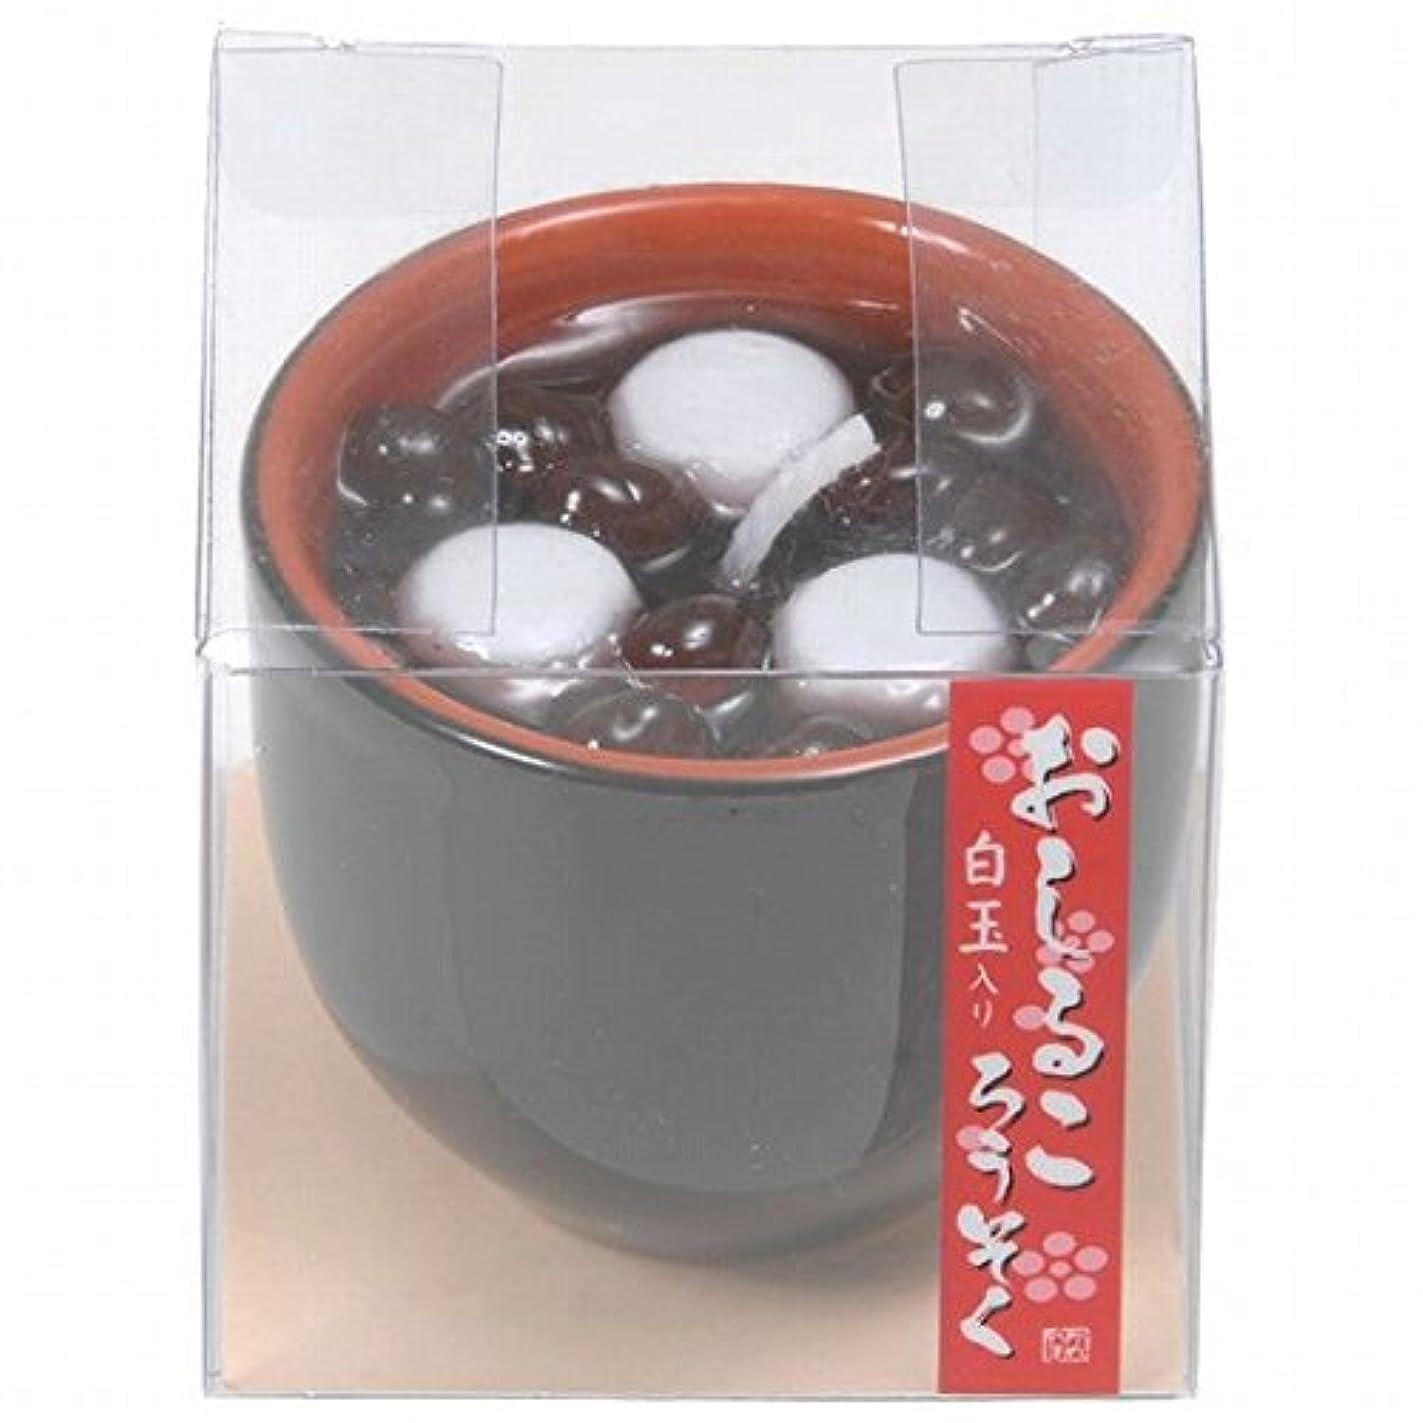 組み込むアルファベット順ショルダーカメヤマキャンドル( kameyama candle ) おしるころうそく キャンドル